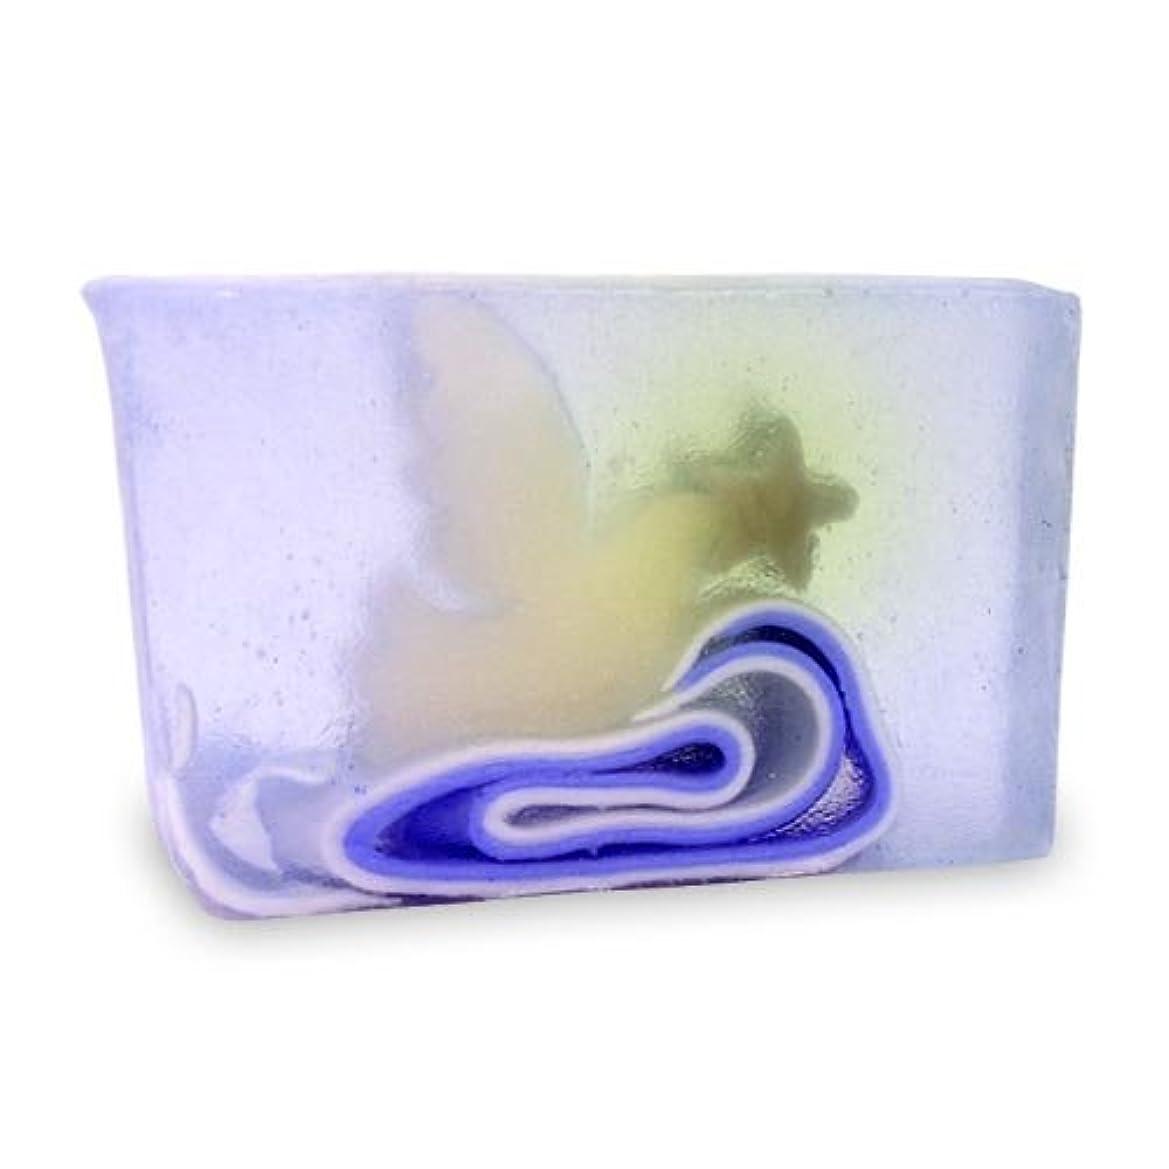 大声で岸マングルプライモールエレメンツ アロマティック ソープ ピース 180g 植物性 ナチュラル 石鹸 無添加